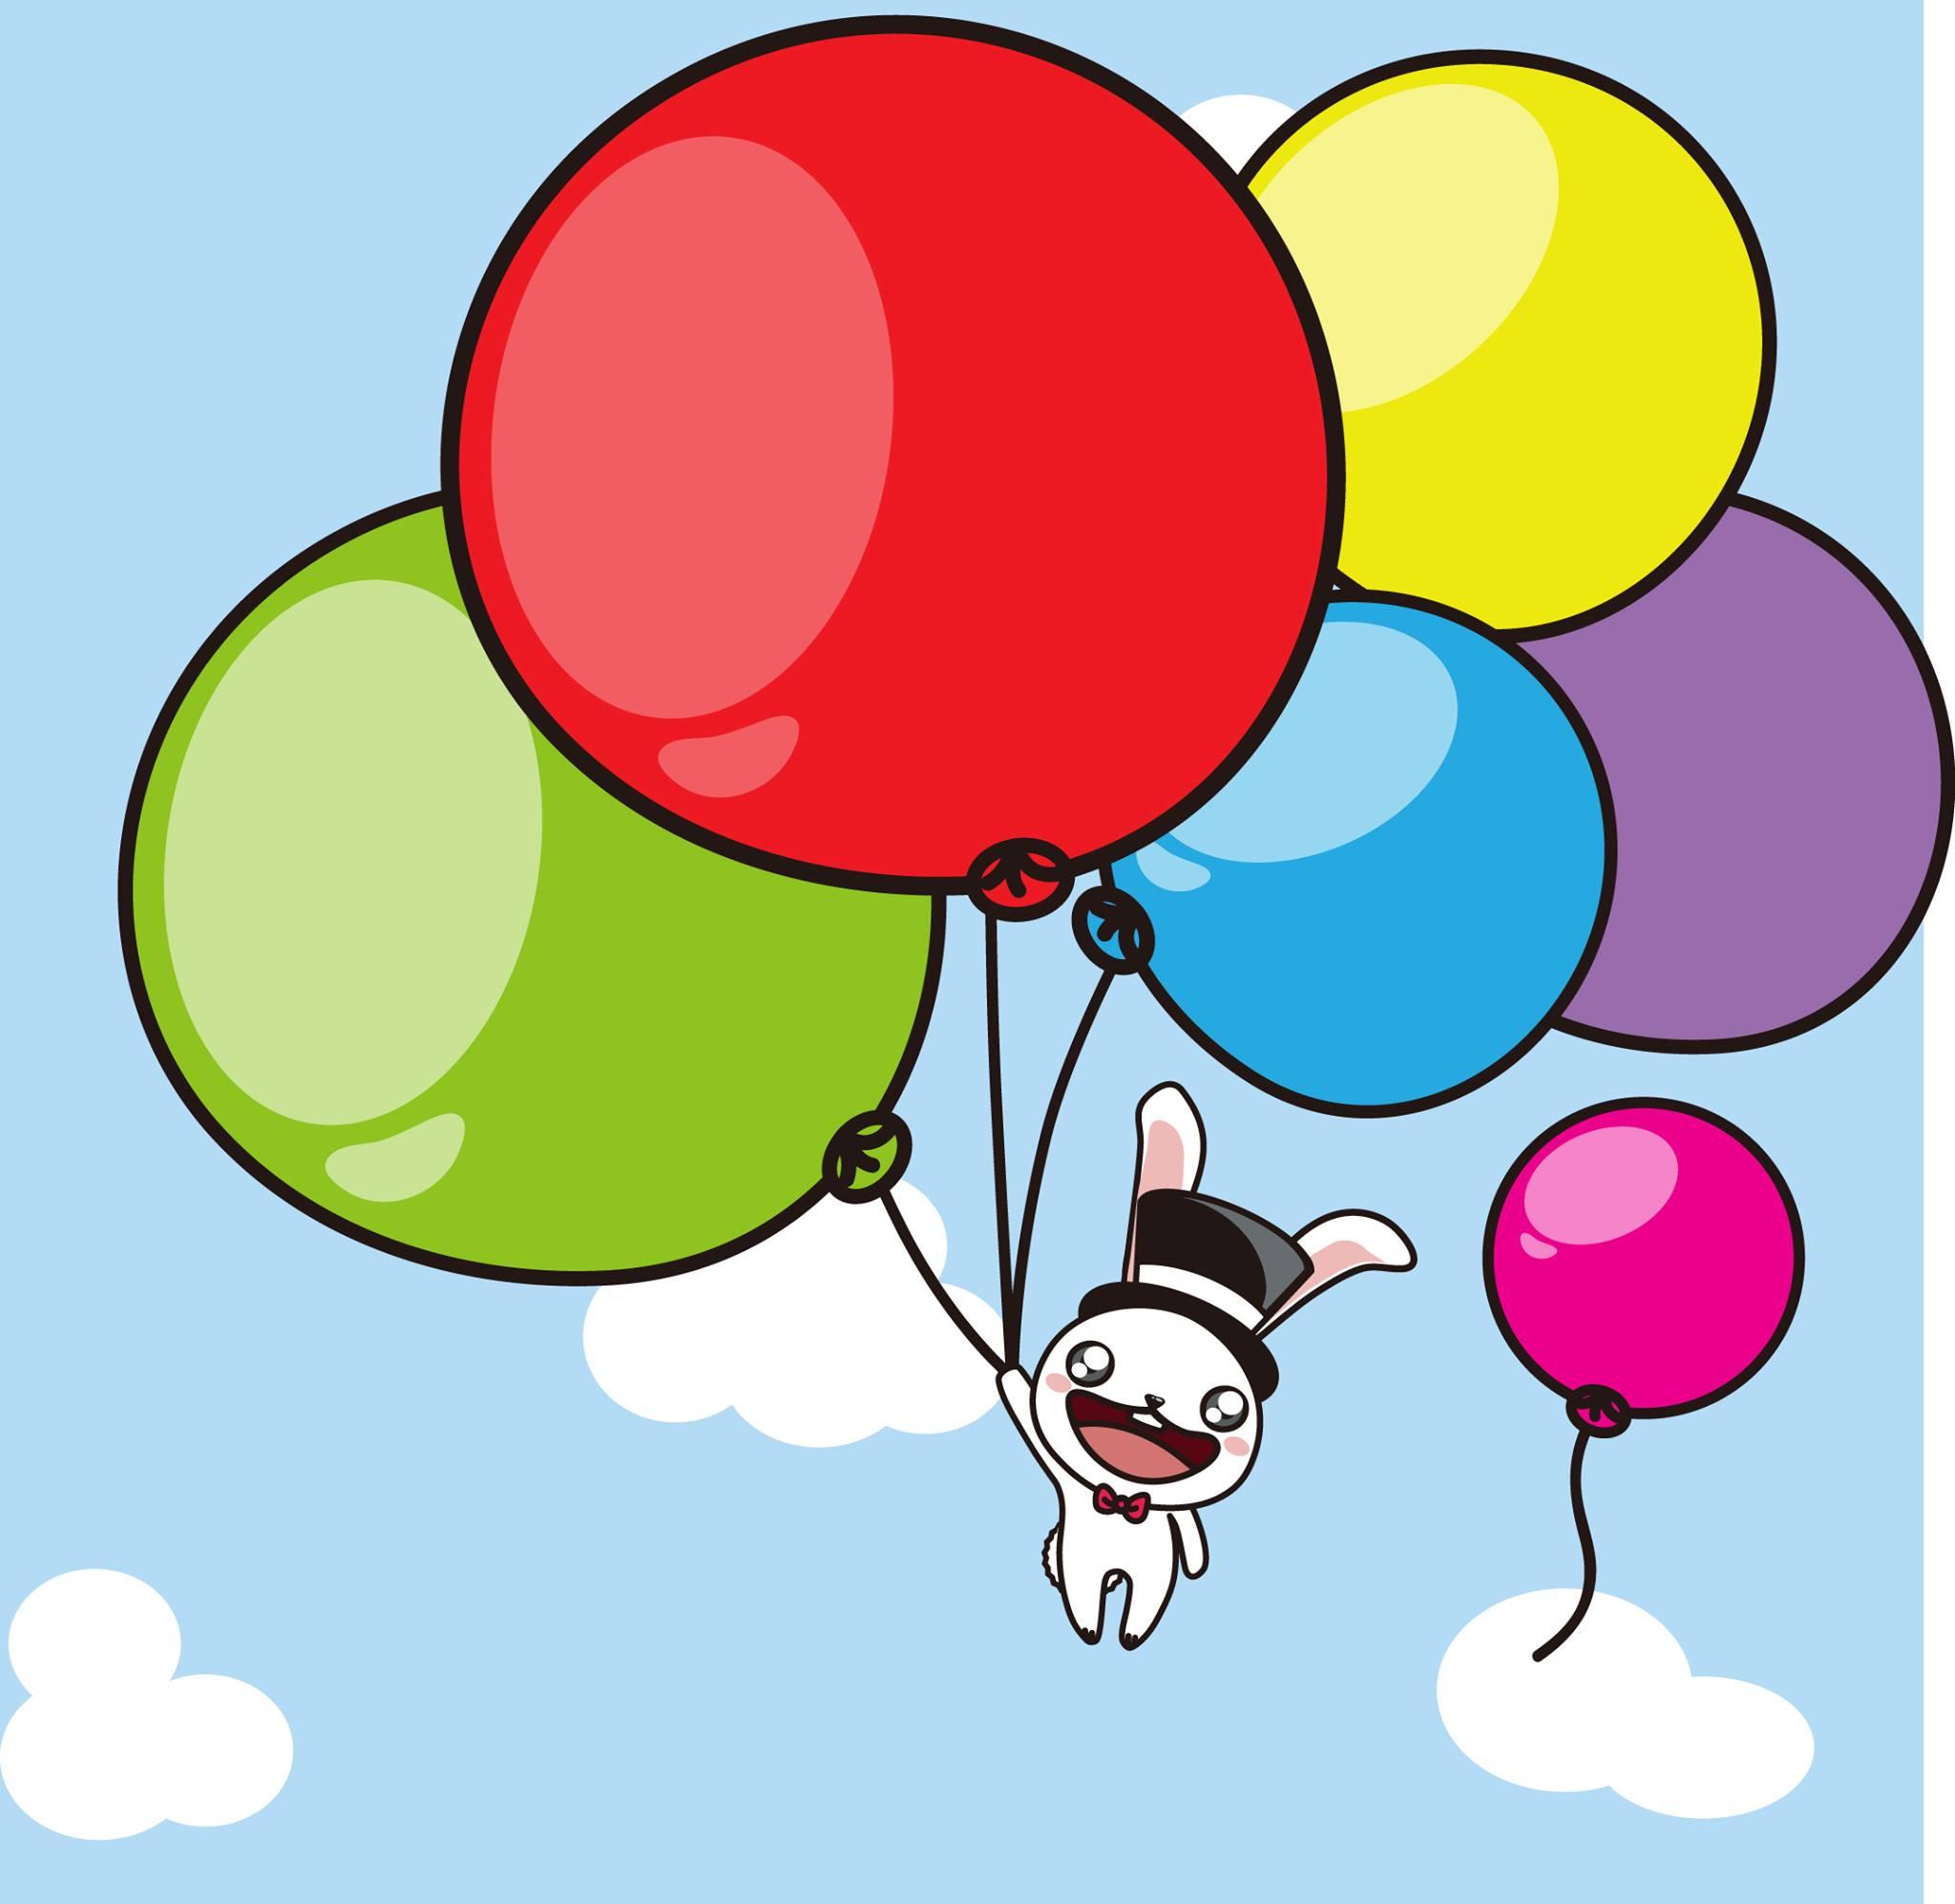 气球简笔风景画